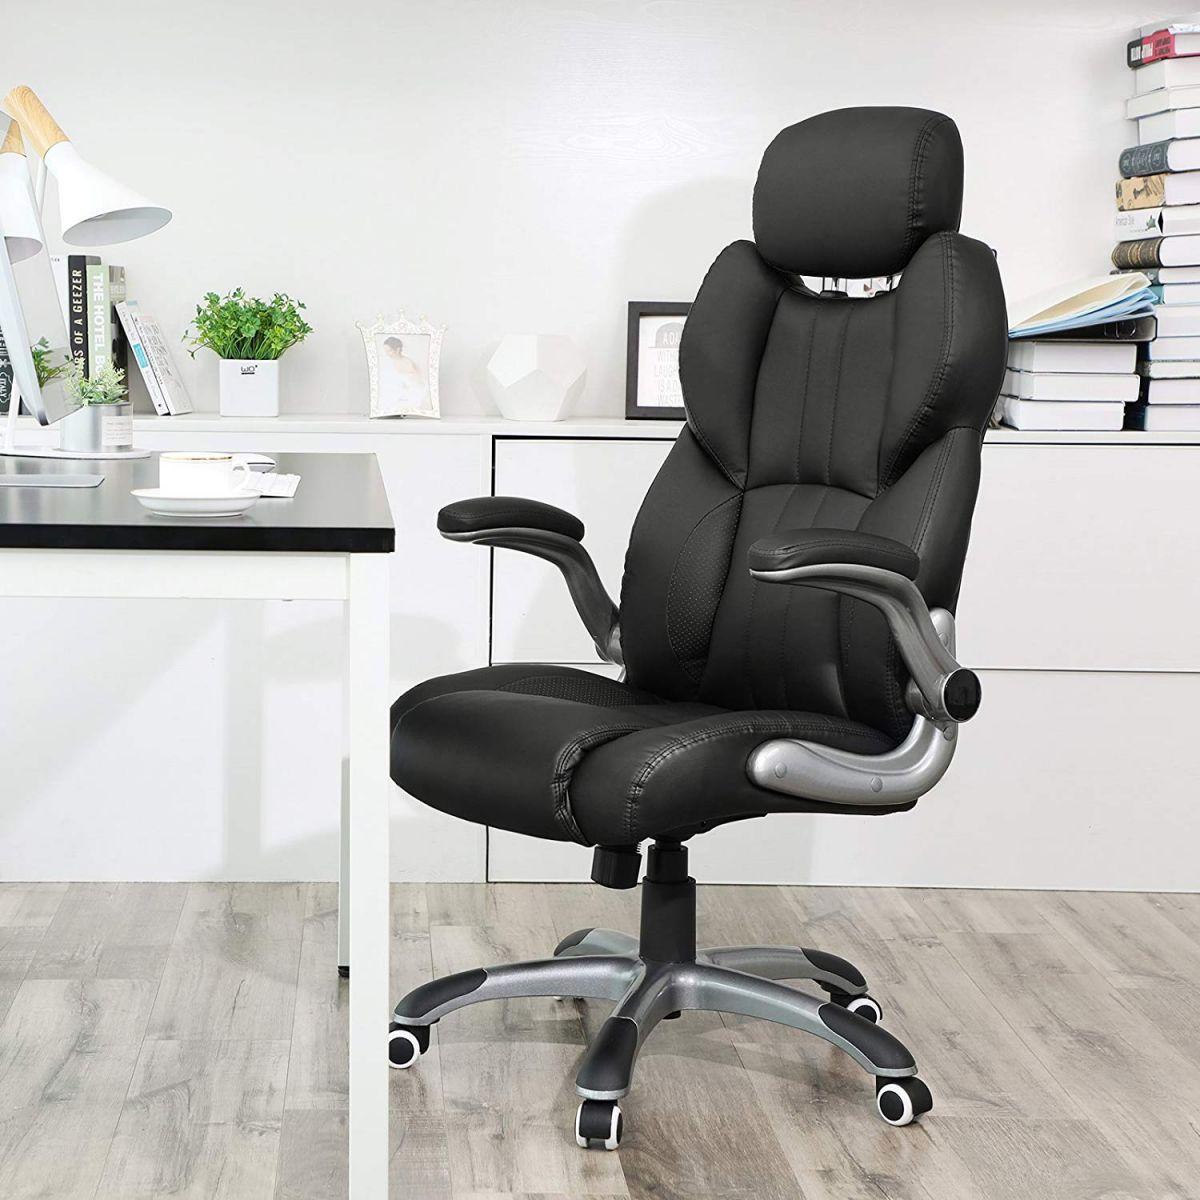 Bureaustoel Met Hoofdsteun.Luxe Bureaustoel Met Verstelbare Hoofdsteun Podobrace Nl